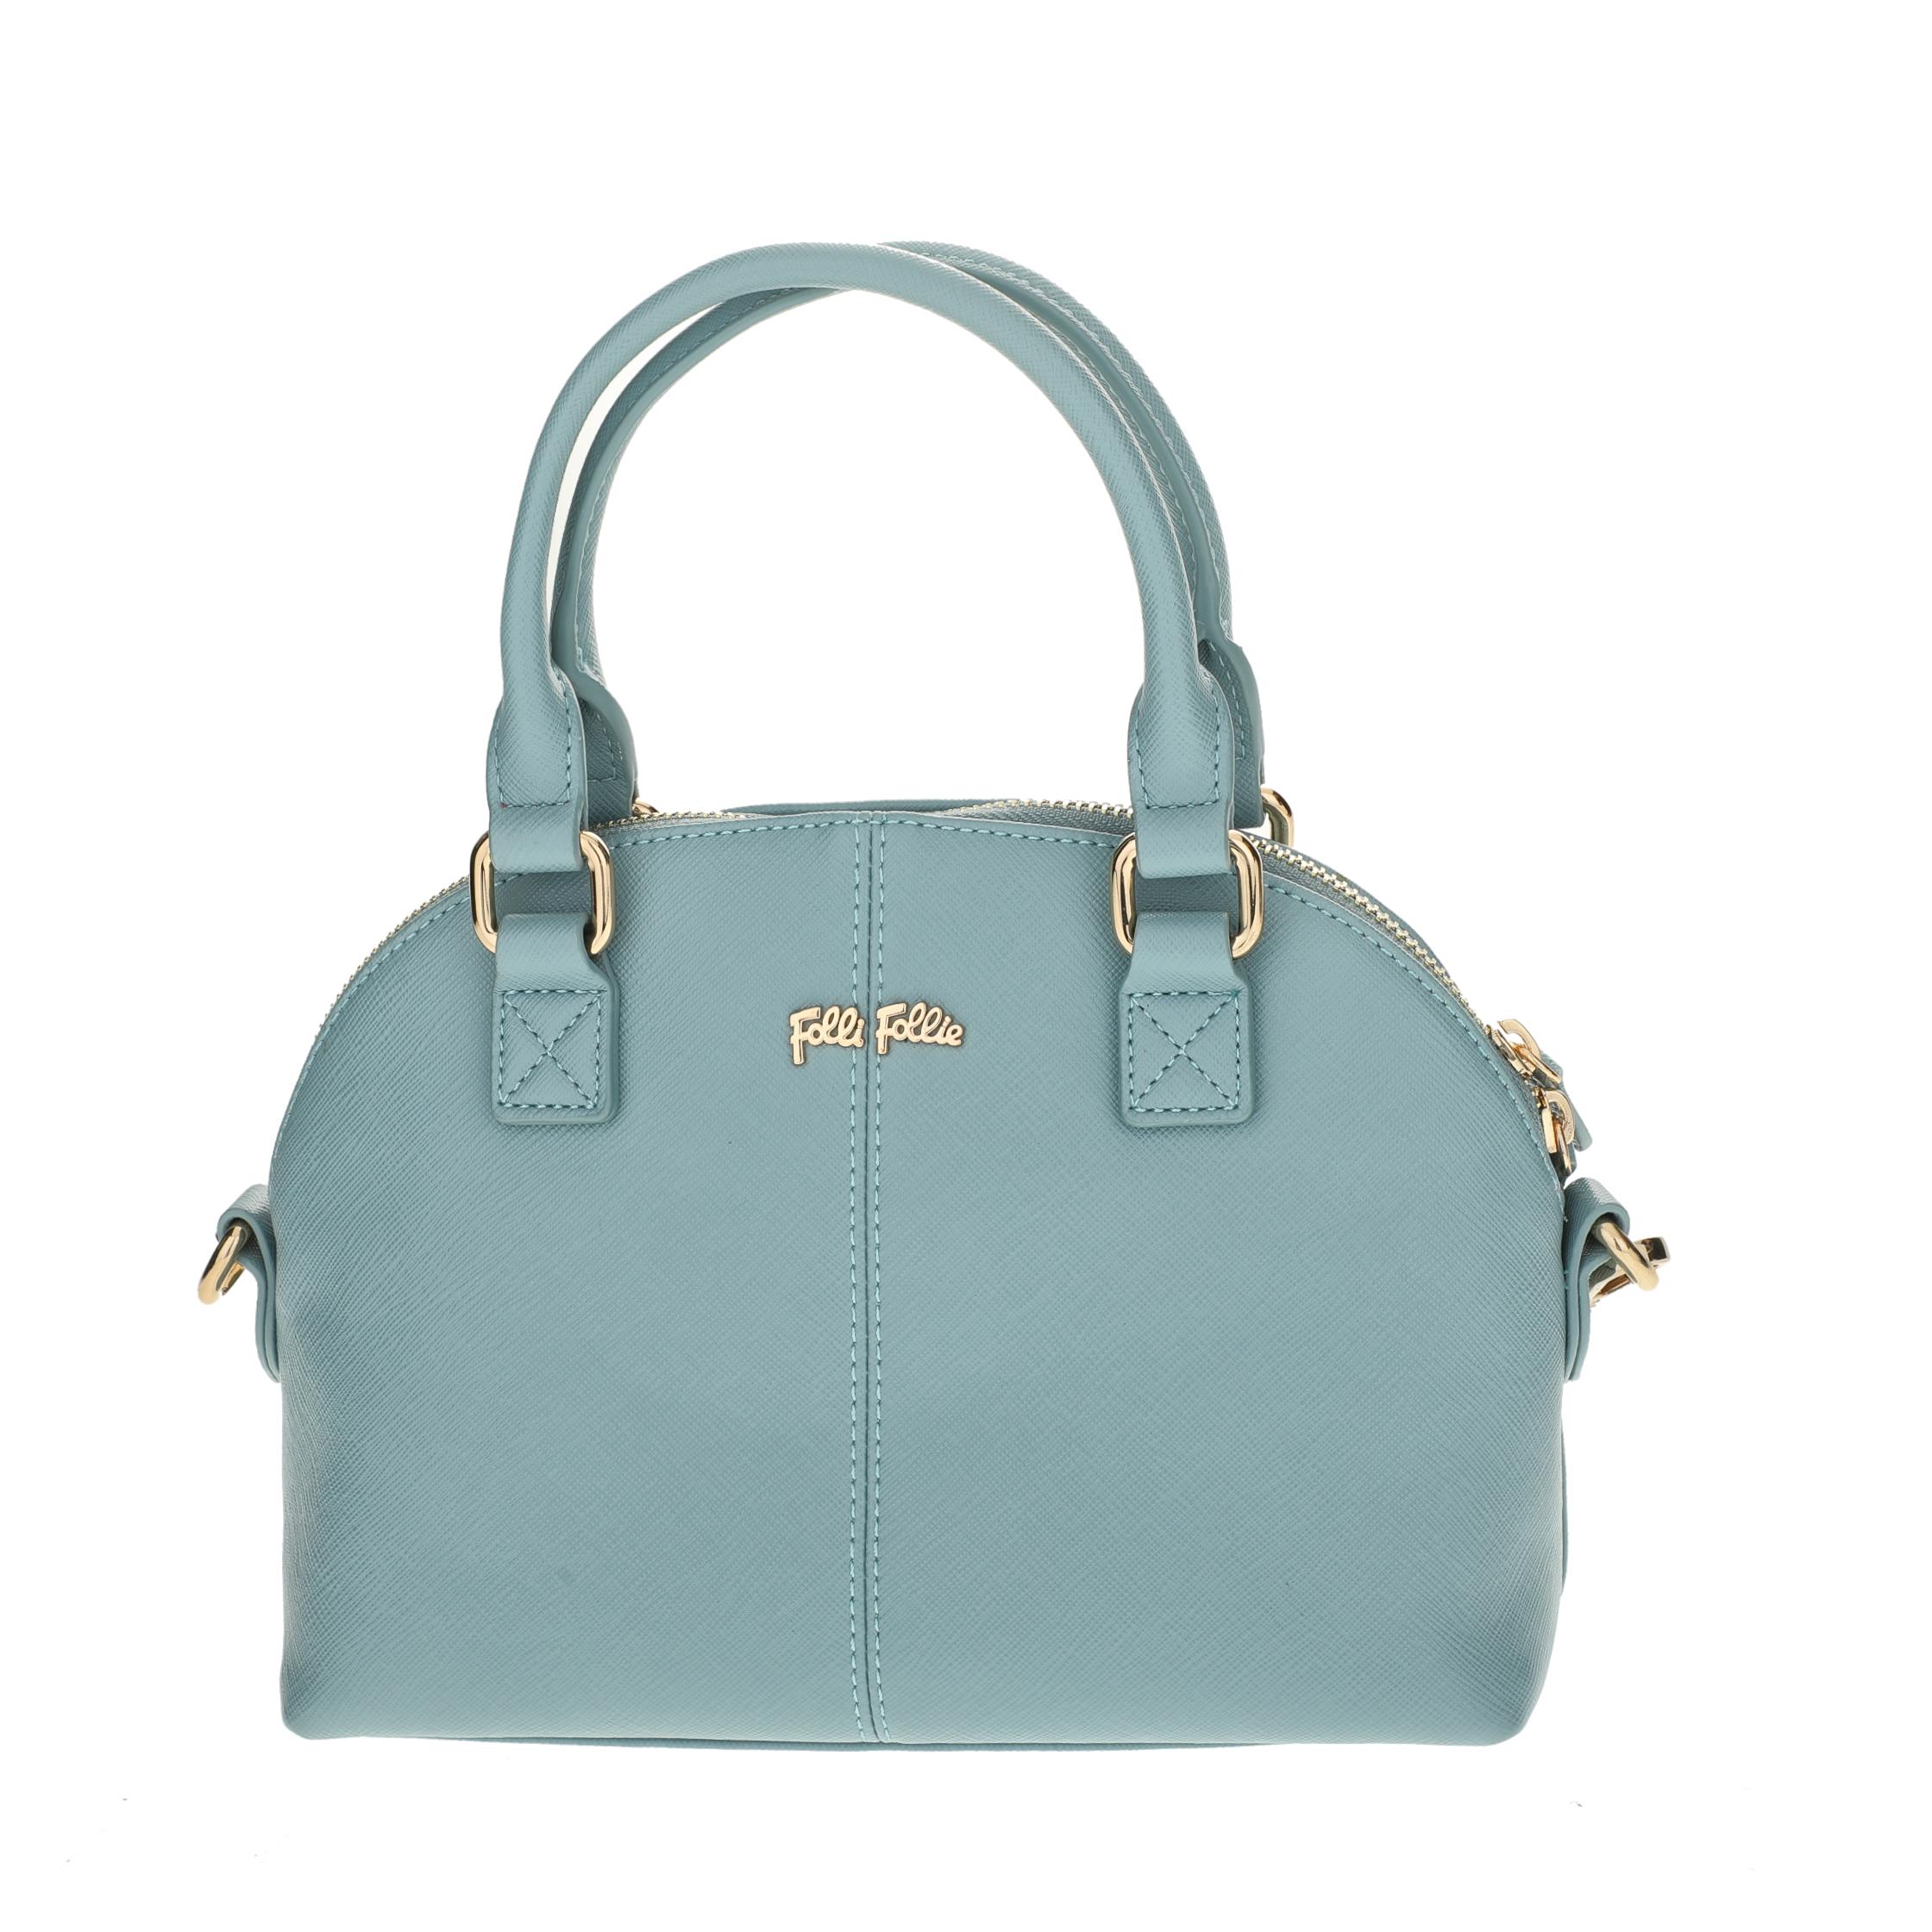 FOLLI FOLLIE – Γυναικεία μικρή τσάντα χειρός Folli Follie γαλάζια 1618094.0-0000